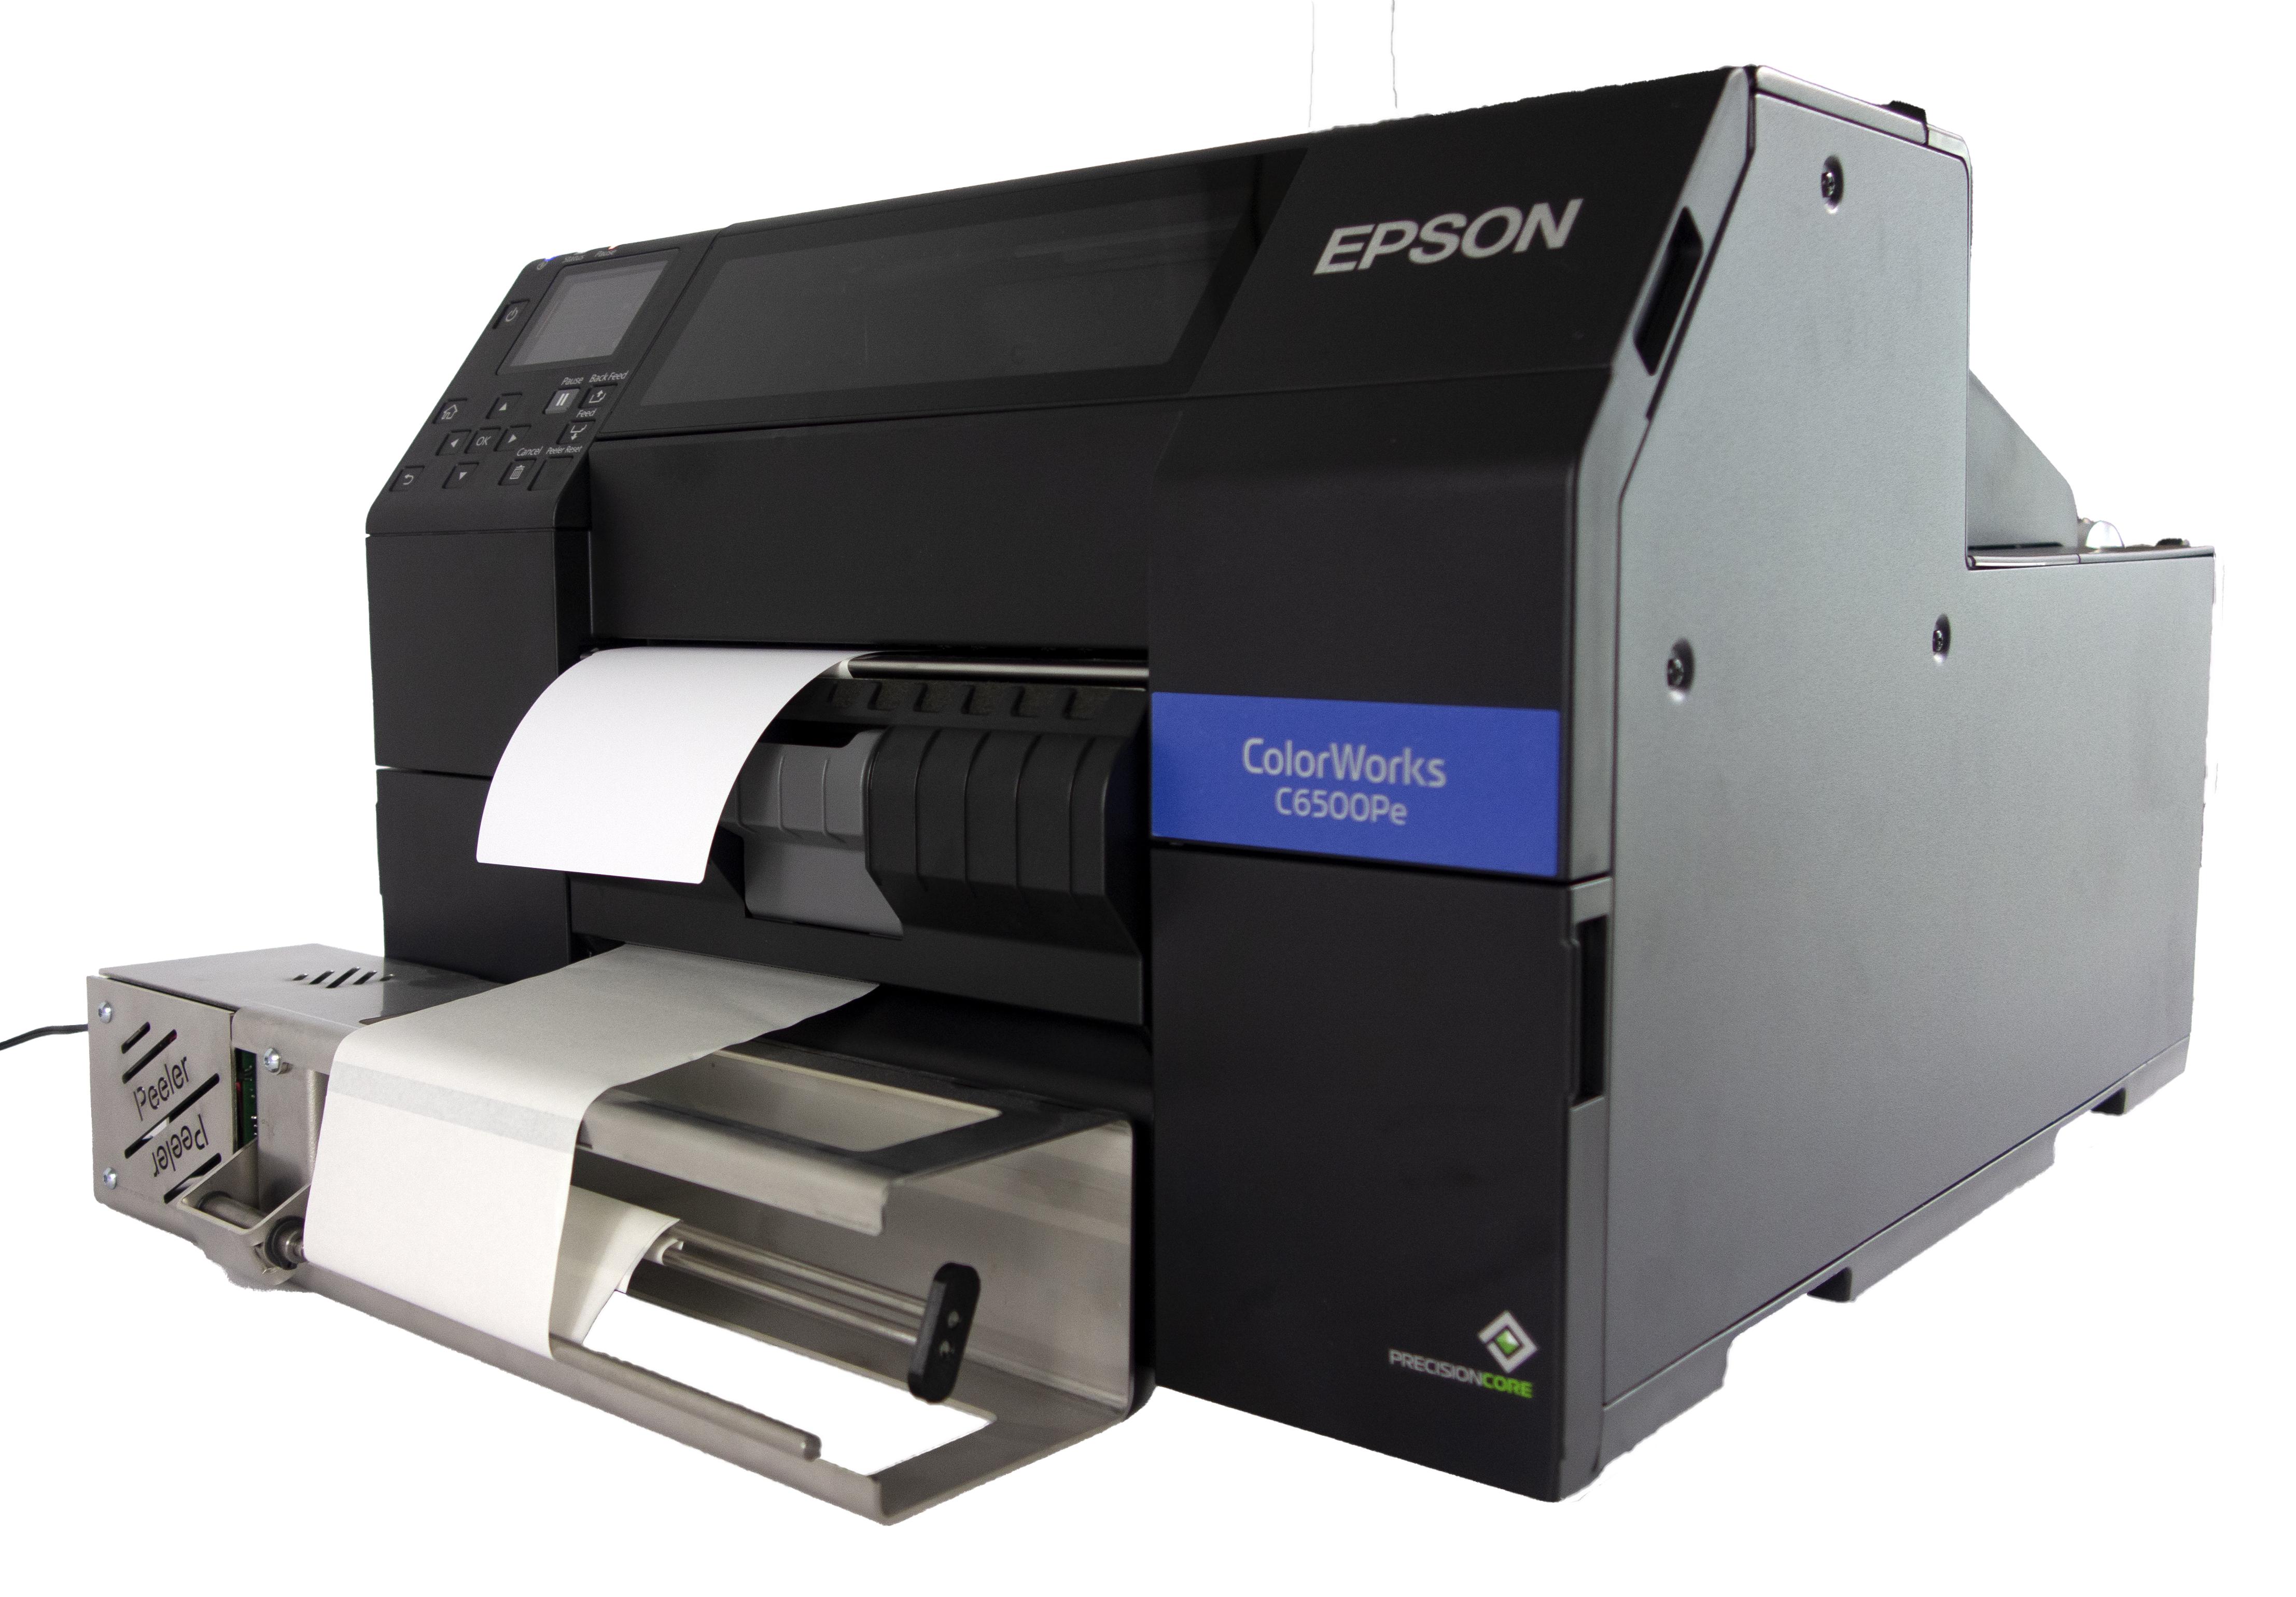 Abzieh-Aufwickler für die Epson C6500-Serie